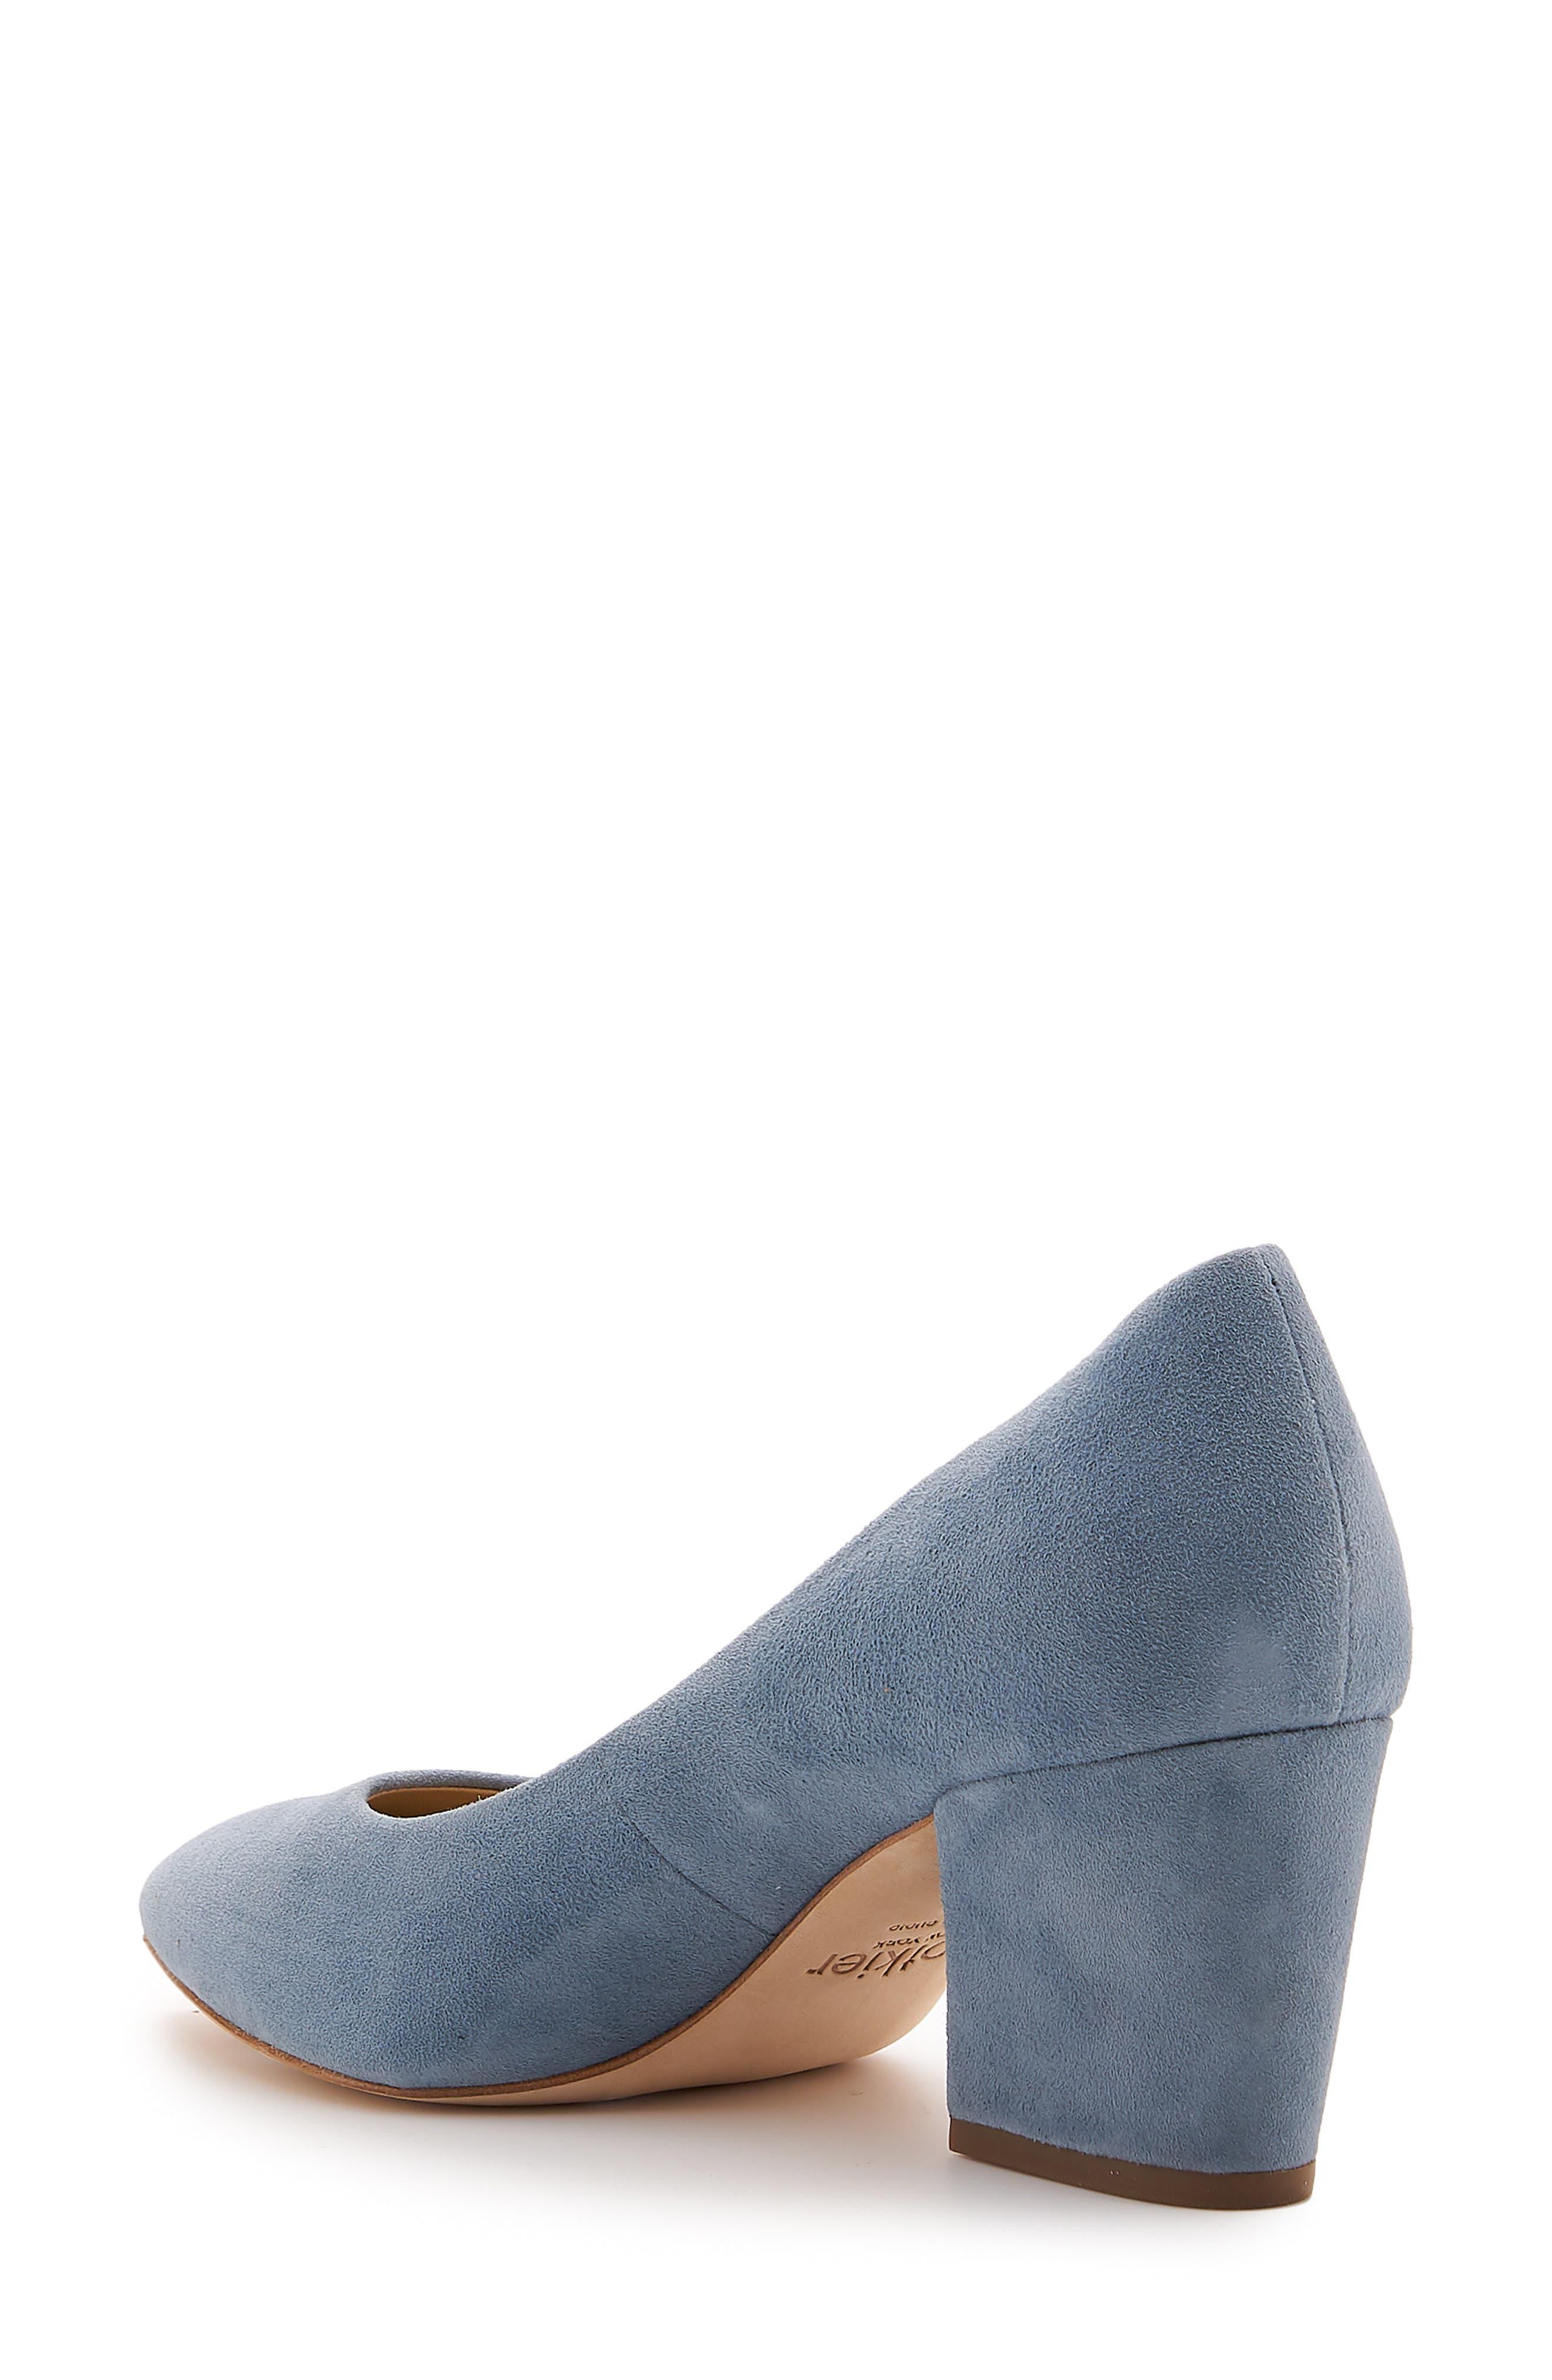 9d2de3591e63 Women s Botkier Heels